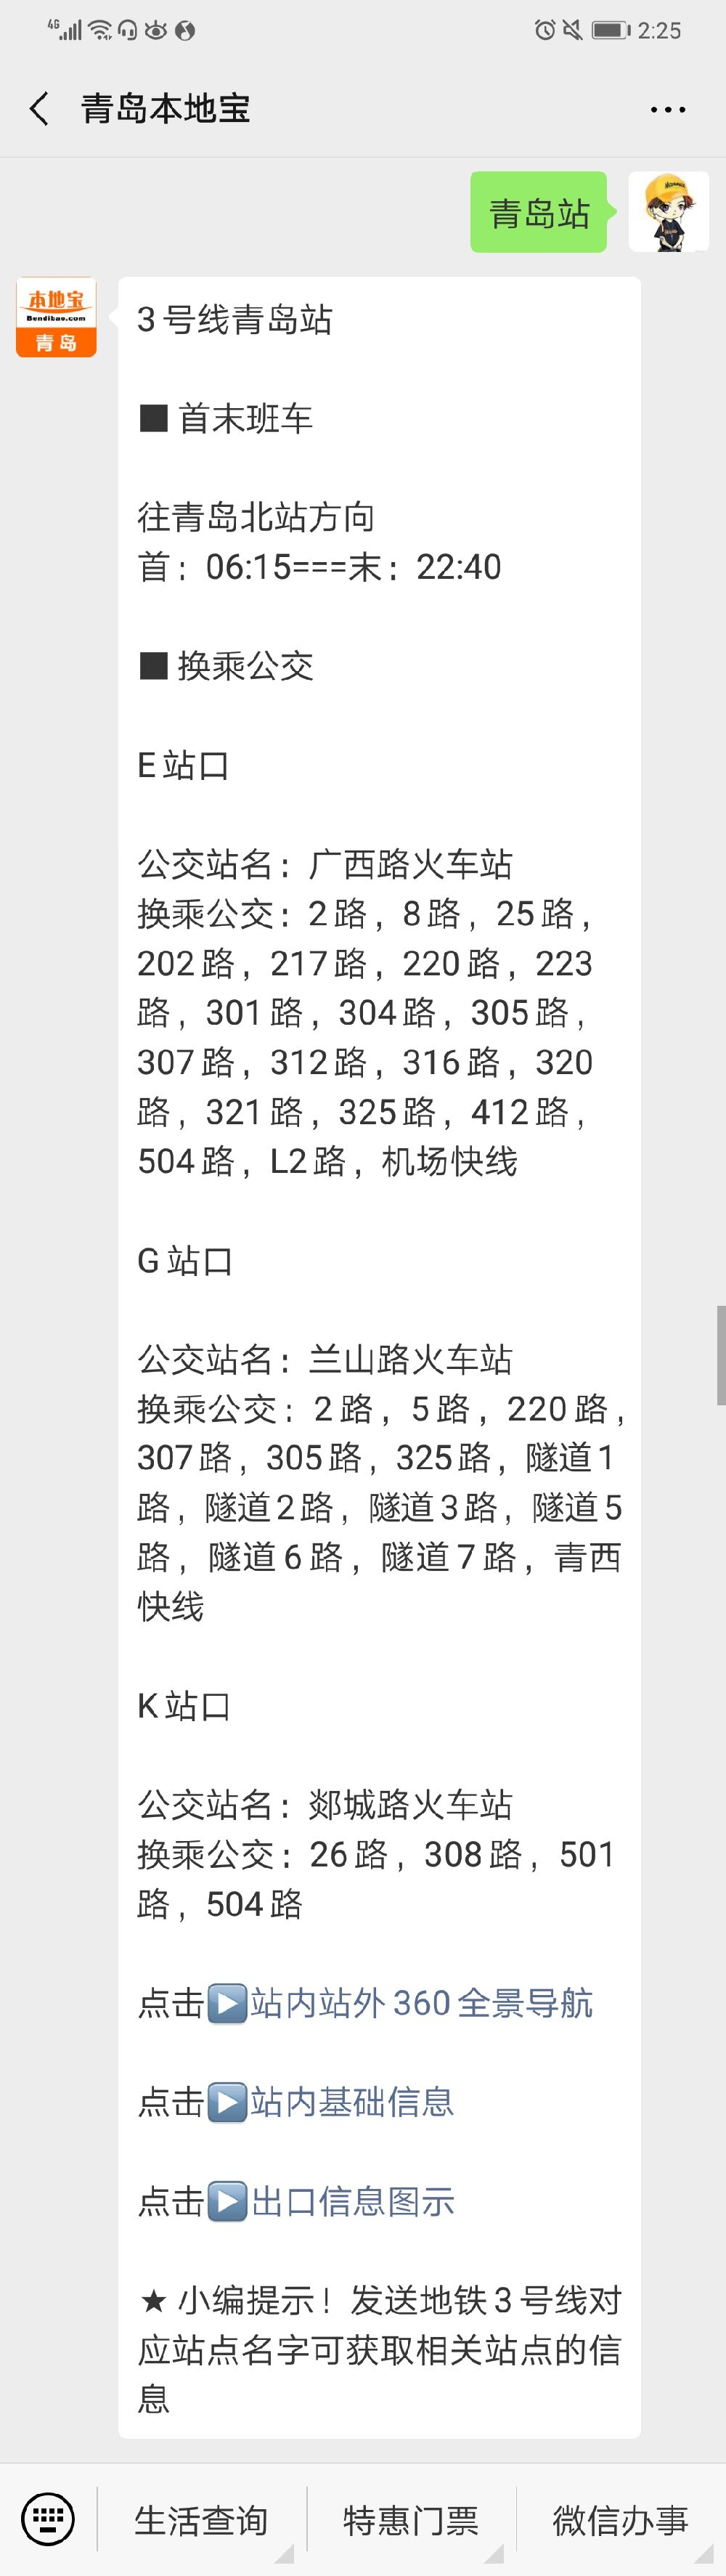 青岛地铁3号线首末班车时间(附时刻表)